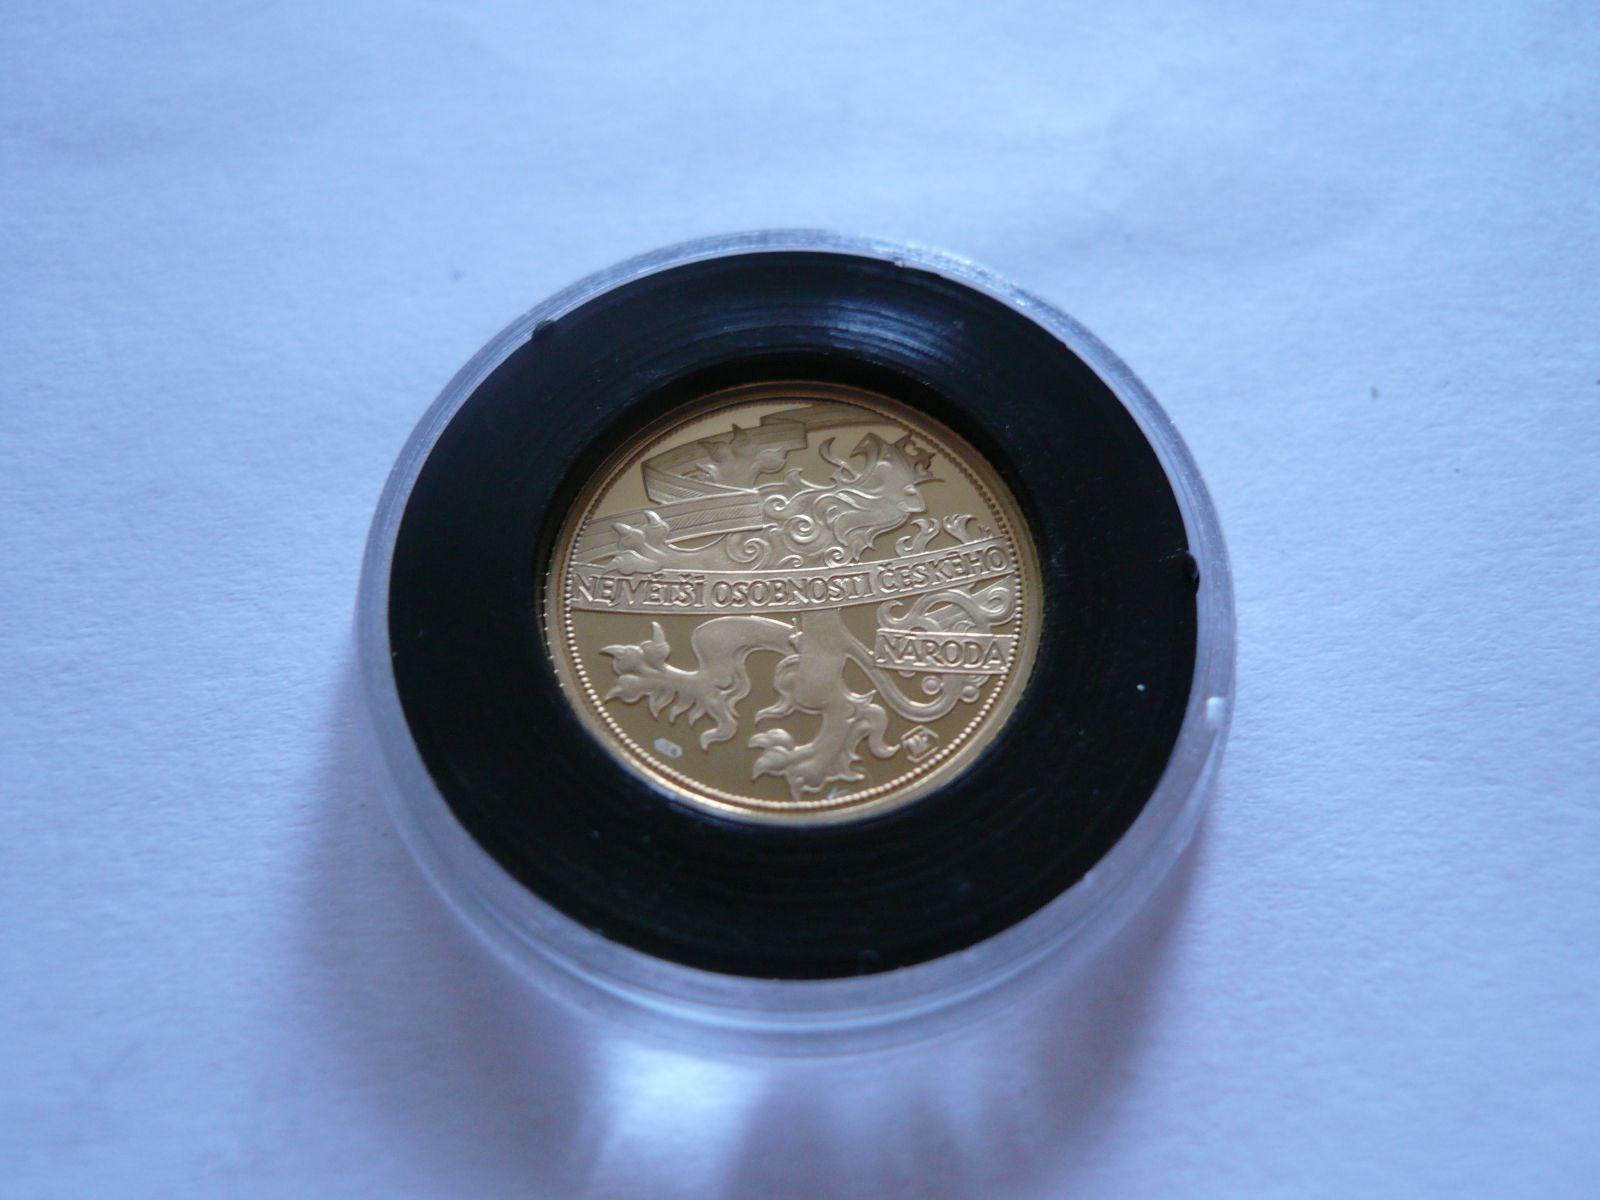 Au medaile František Palacký, bez letopočtu, průměr 8mm, Au 585, 2,05g, ČR